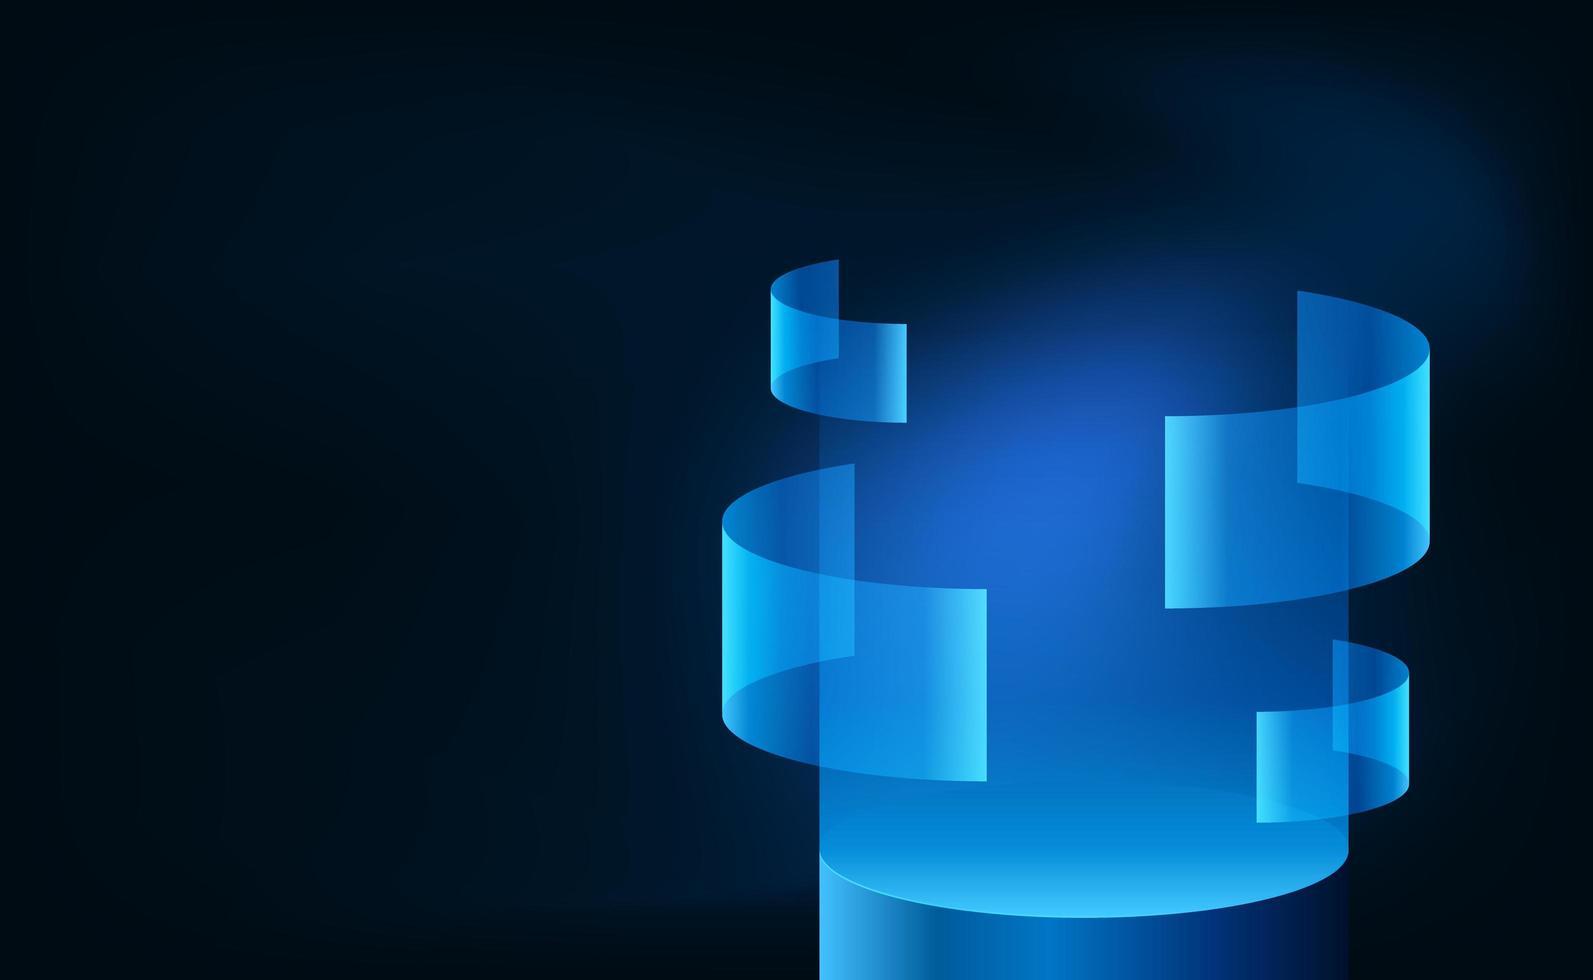 futuristische blaue Neontechnologie mit cyanfarbenem Farbbildschirm vektor